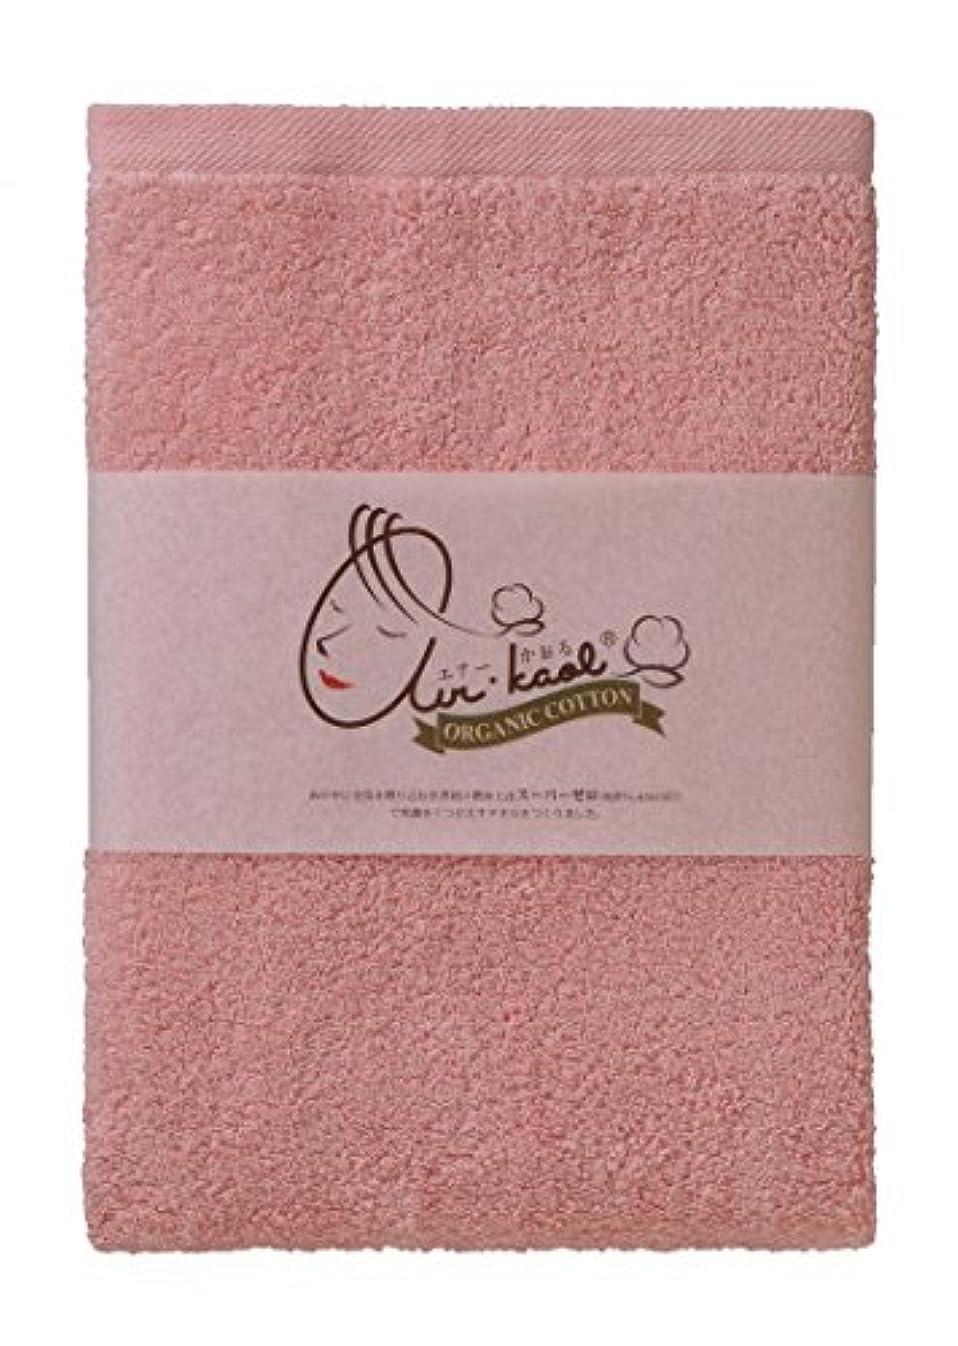 ネーピアストレスバズエアーかおる バスタオル ピンク 60×120×1cm 2個セット